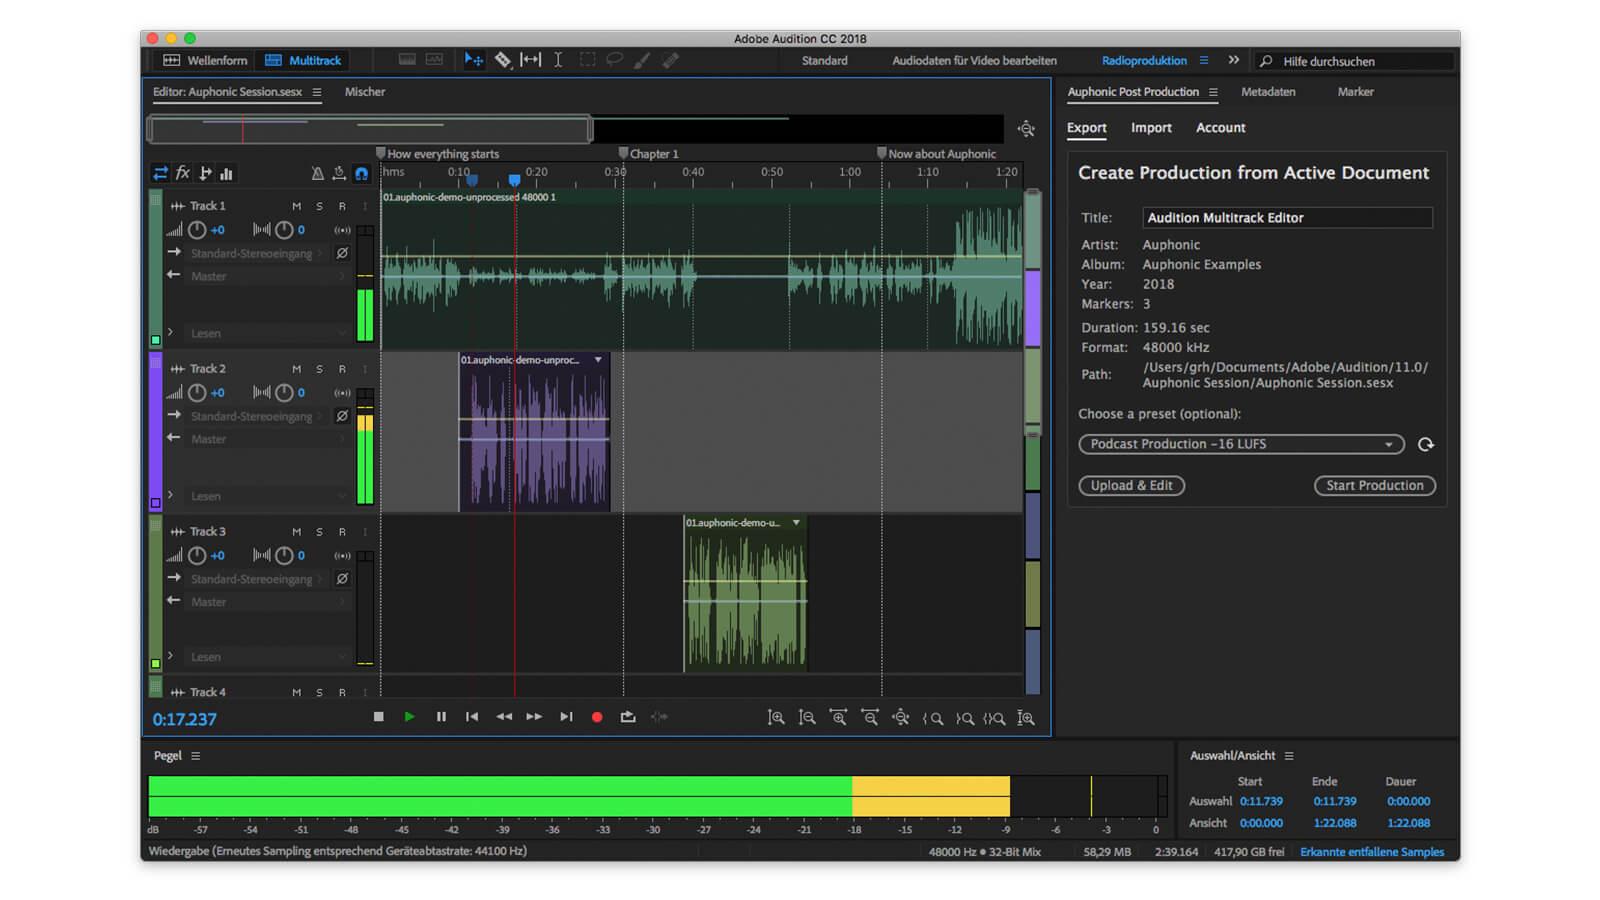 Adobe Audition Patch